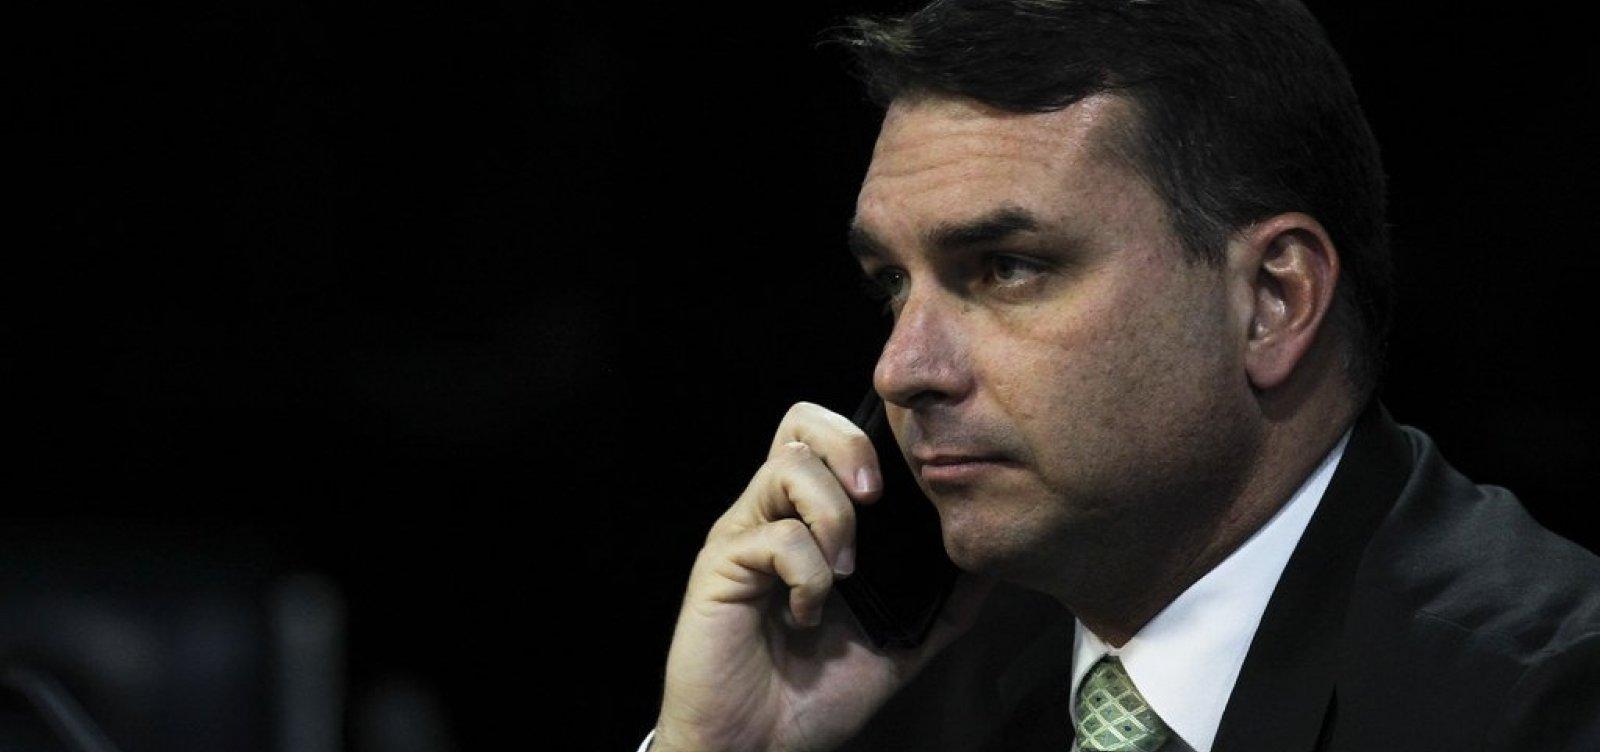 [Flávio Bolsonaro fez acordo com indústria de sabão da Bahia em meio a suspeita de lavagem de dinheiro]